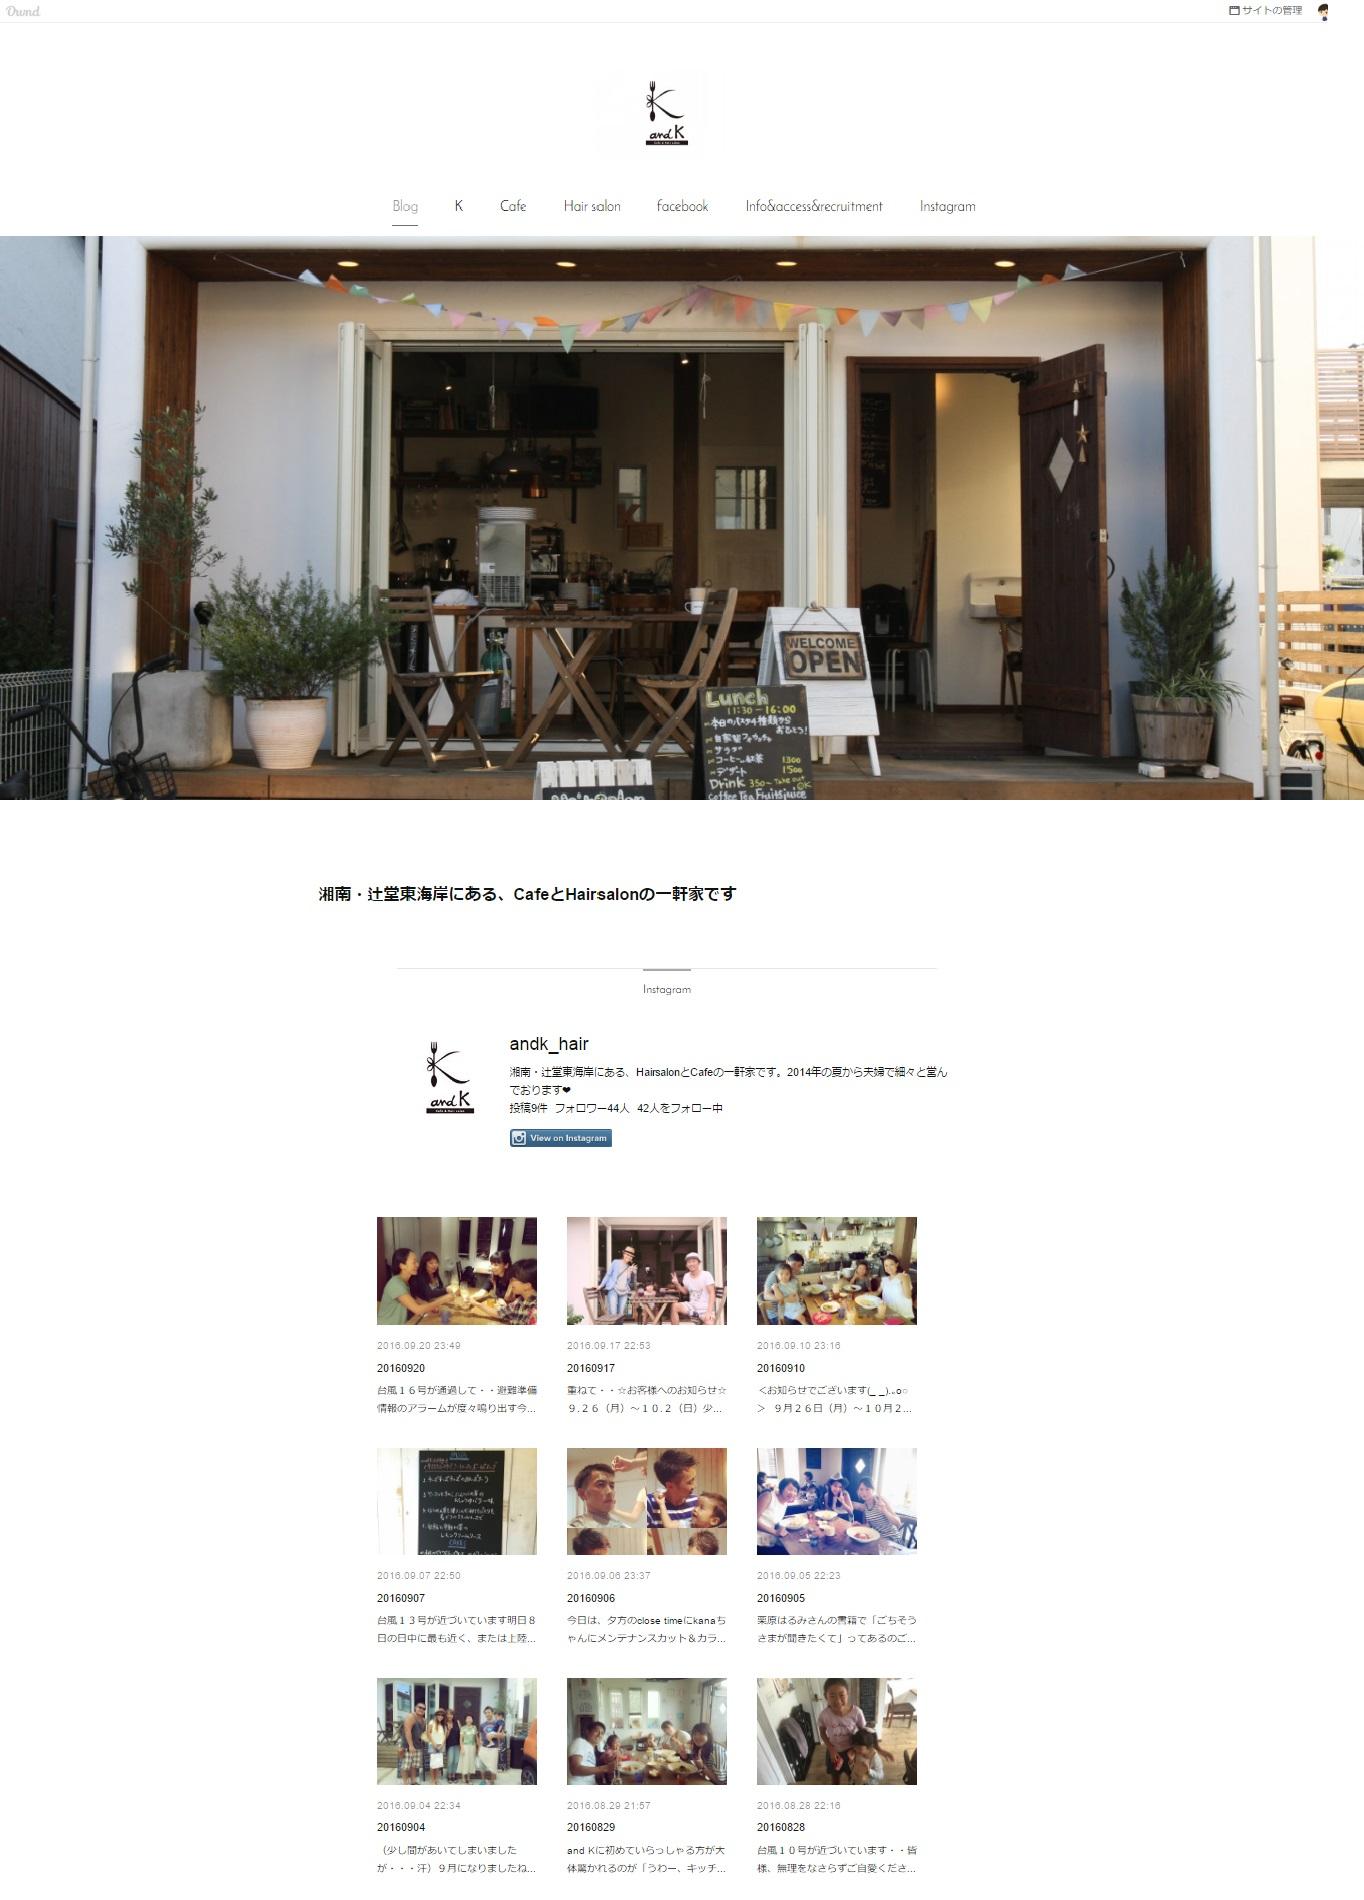 【湘南の気になる美容院】飲食店併設サロン『and K hair』さん。2つの注目点!!